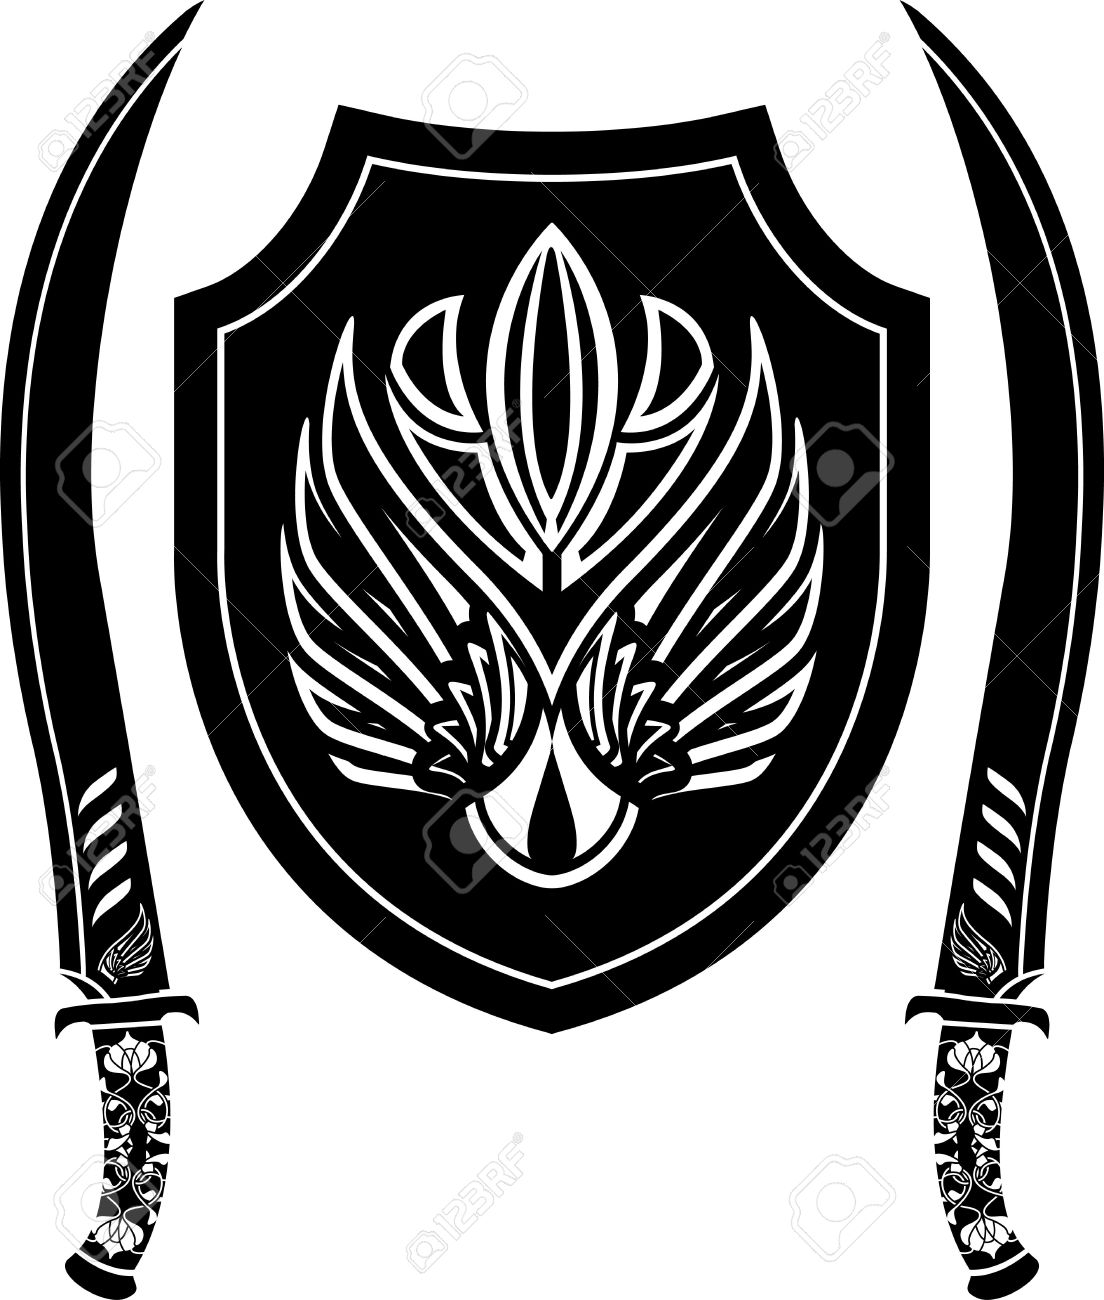 fantasy arabian shield and swords. stencil. vector illustration Stock Vector - 9177574